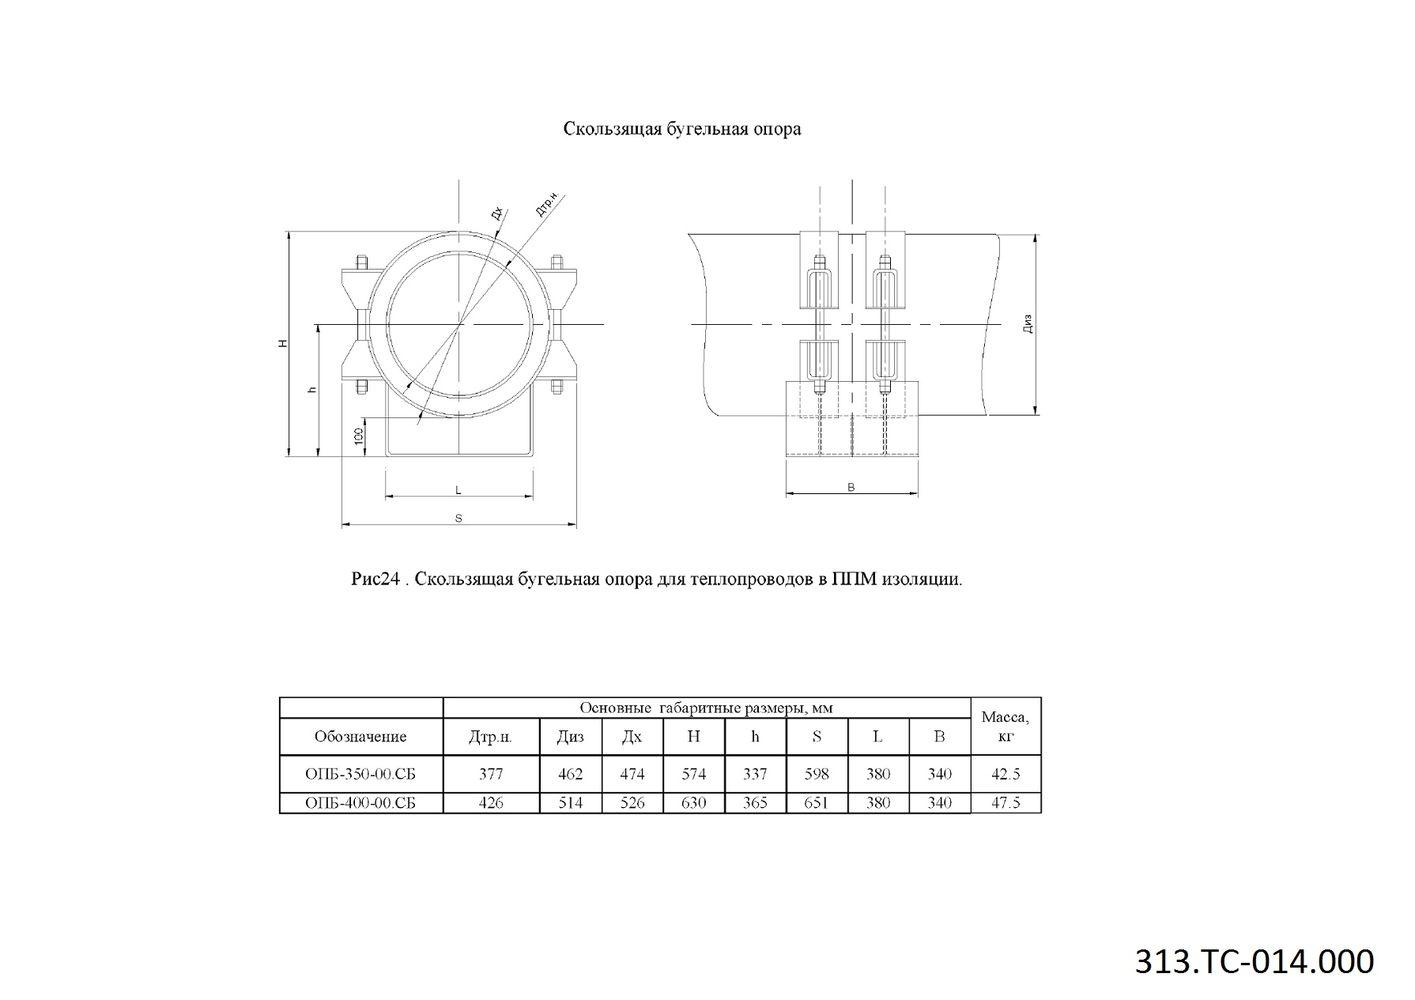 ТС.313-014-000 Скользящая бугельная опора ОПБ